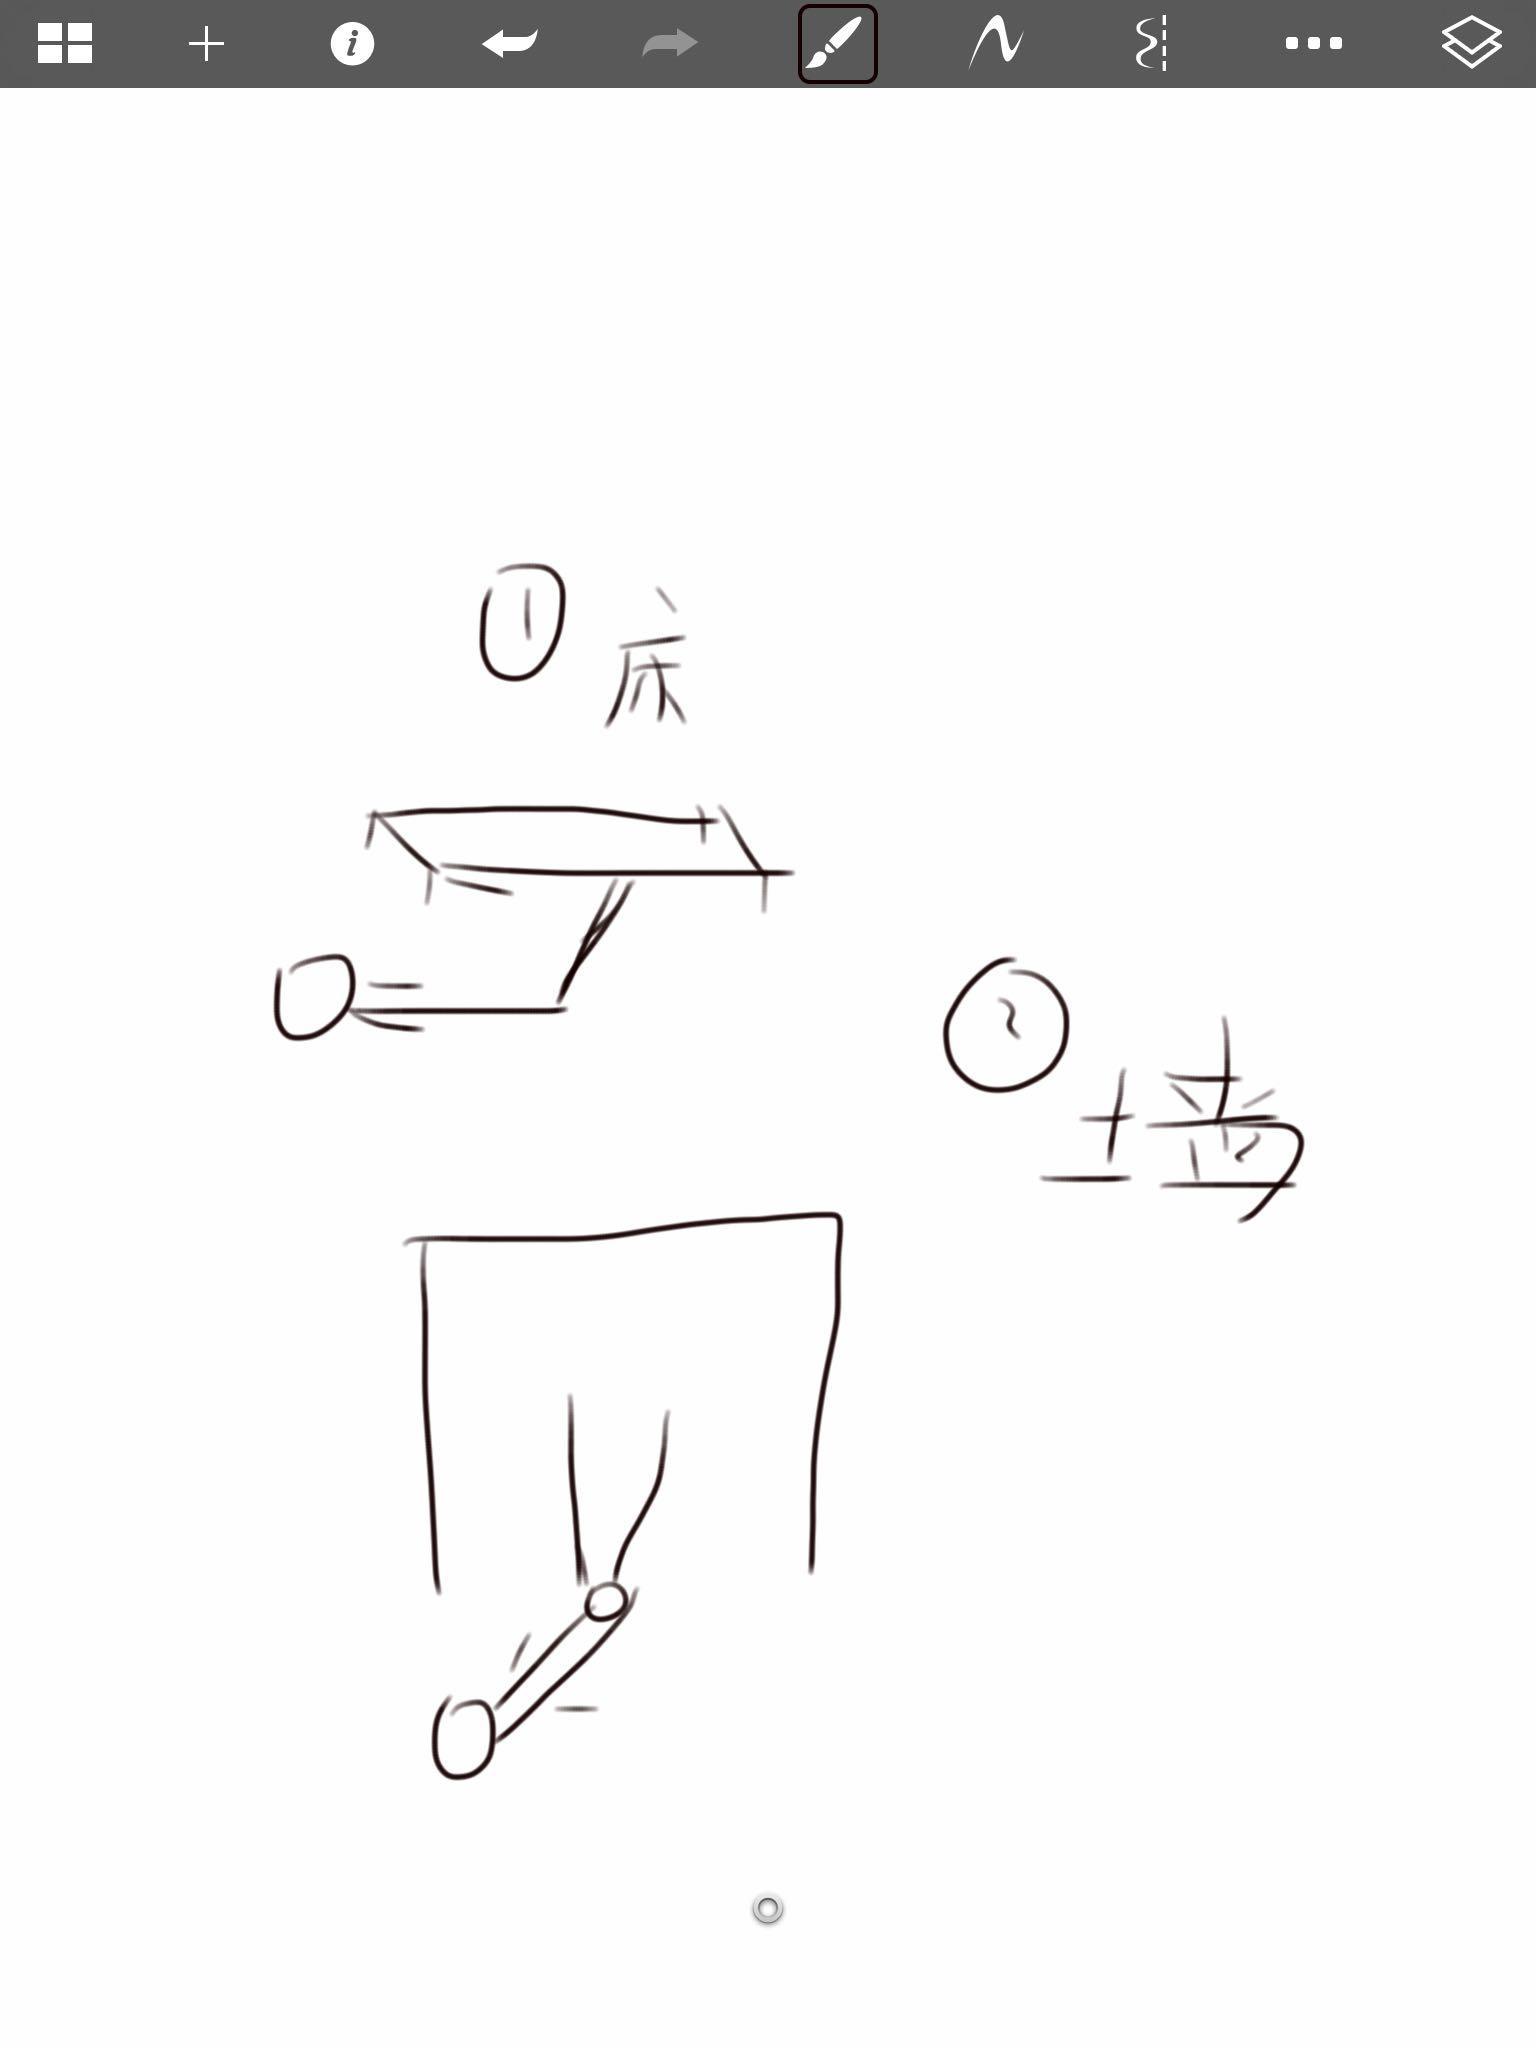 空中蹬自行车真的瘦脸?-匿名瘦腿的回答用户脸溶完肿特别打脂图片